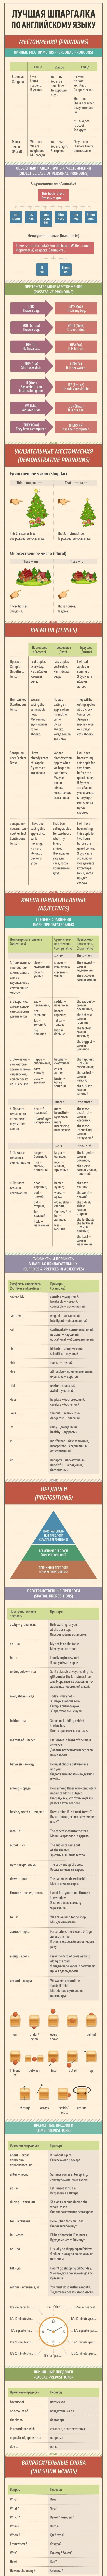 Вся база английского в одной инфографике - Vocabulary Booster | разное | Постила